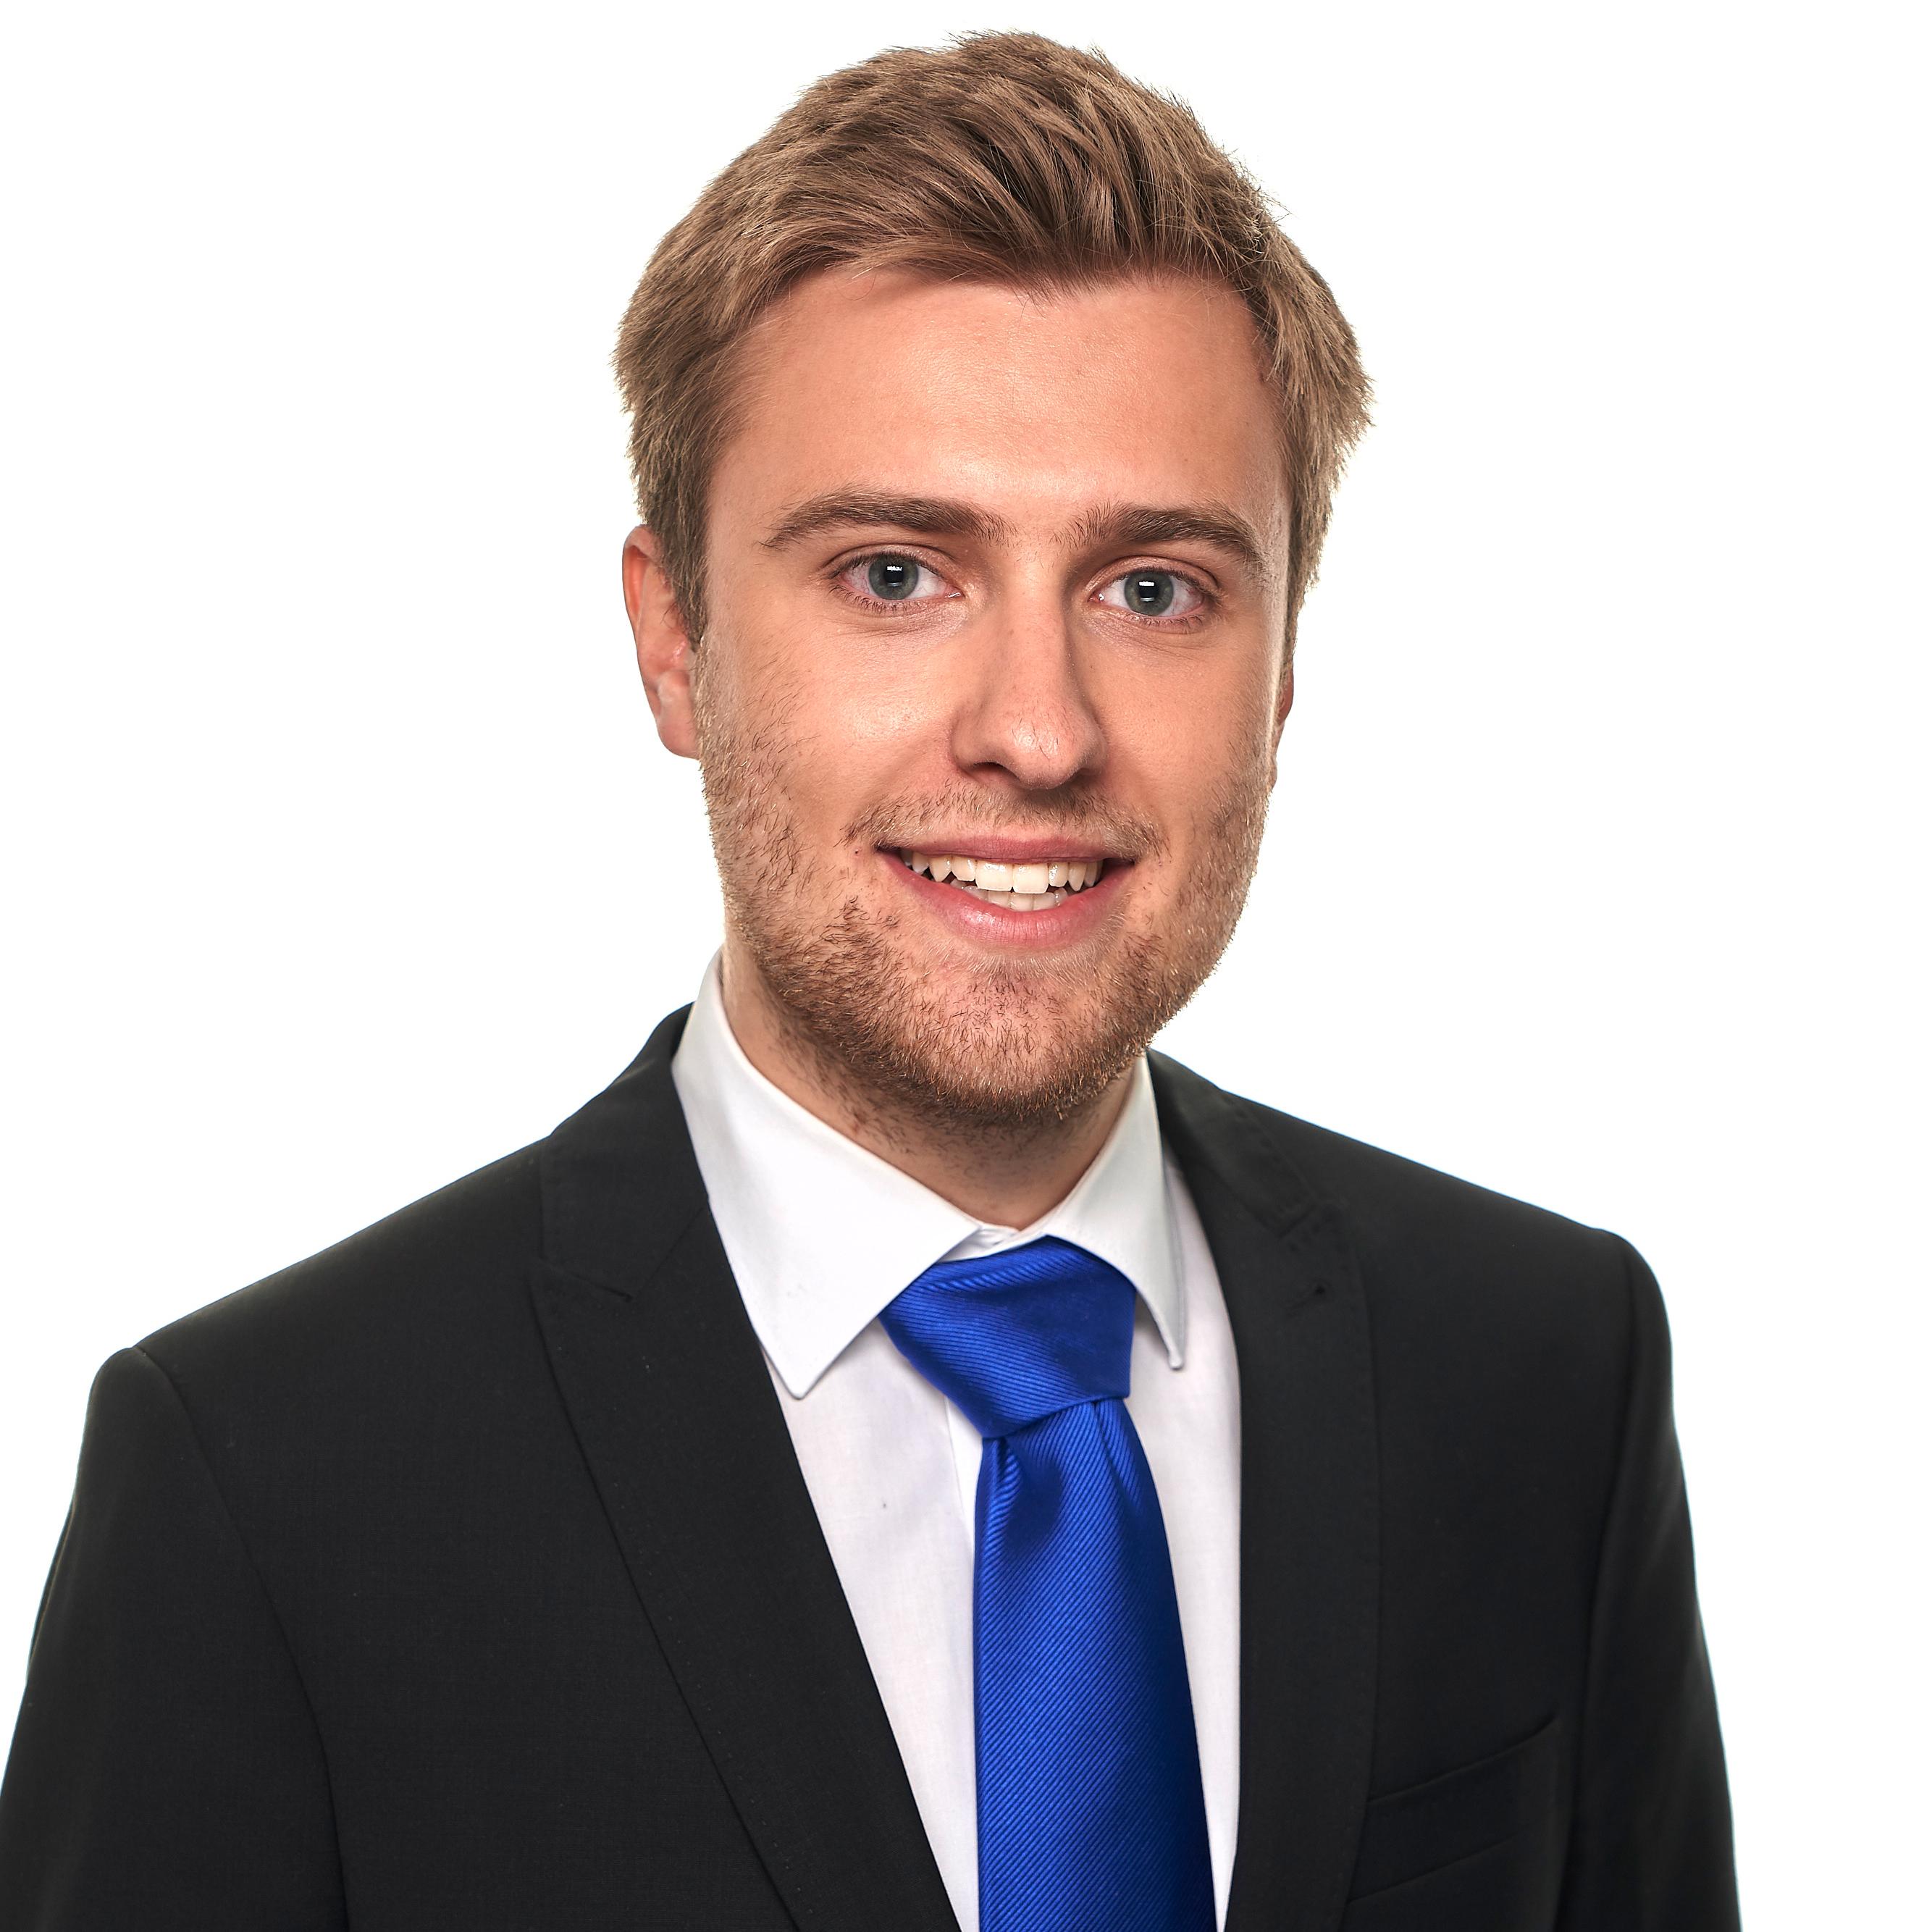 Niklas Blennemann